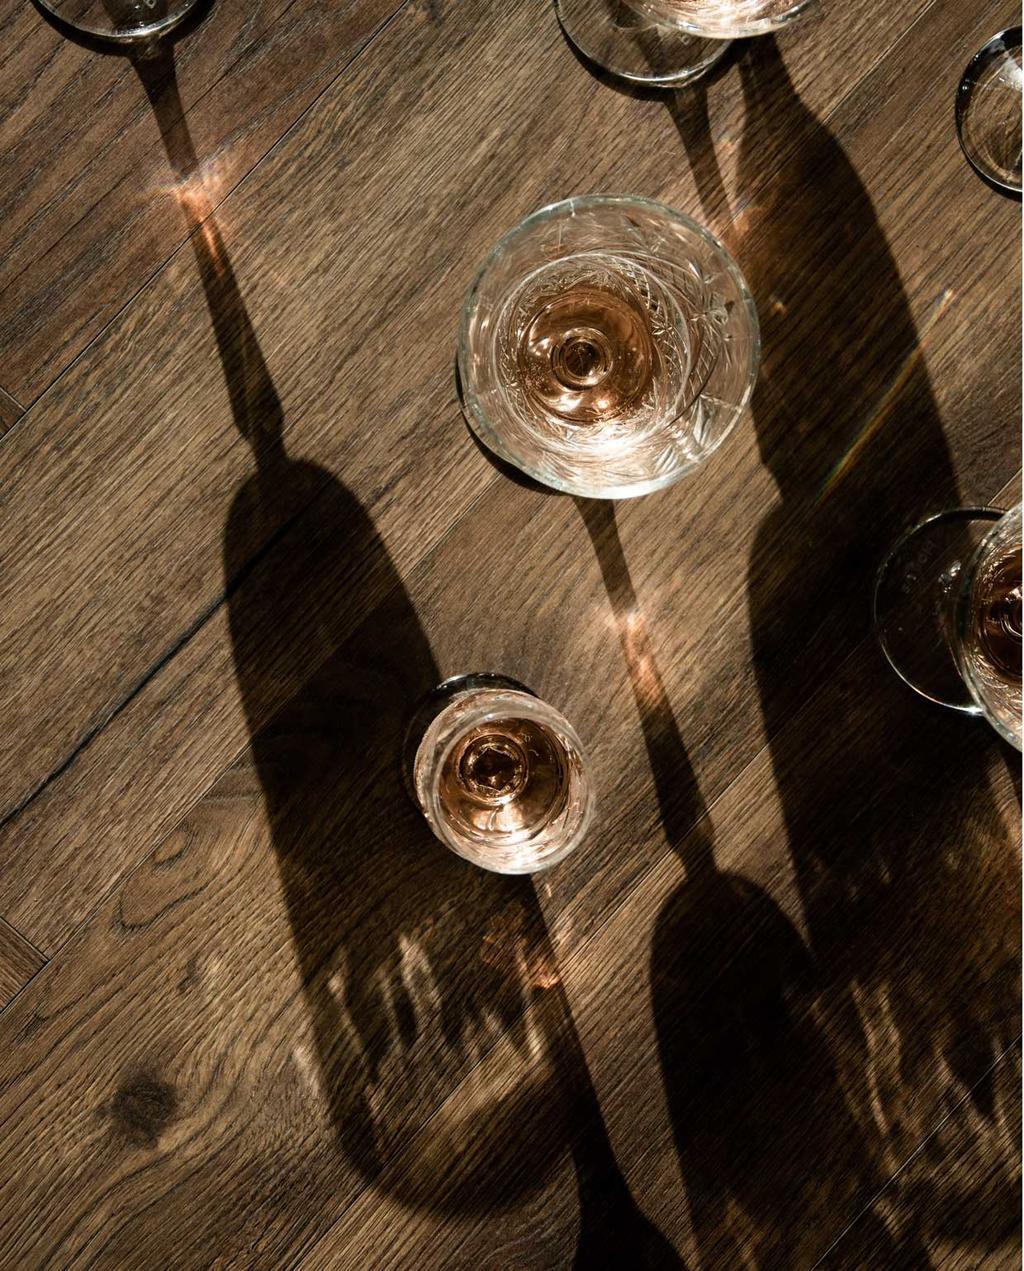 vtwonen | vintage wijnglazen met schaduw